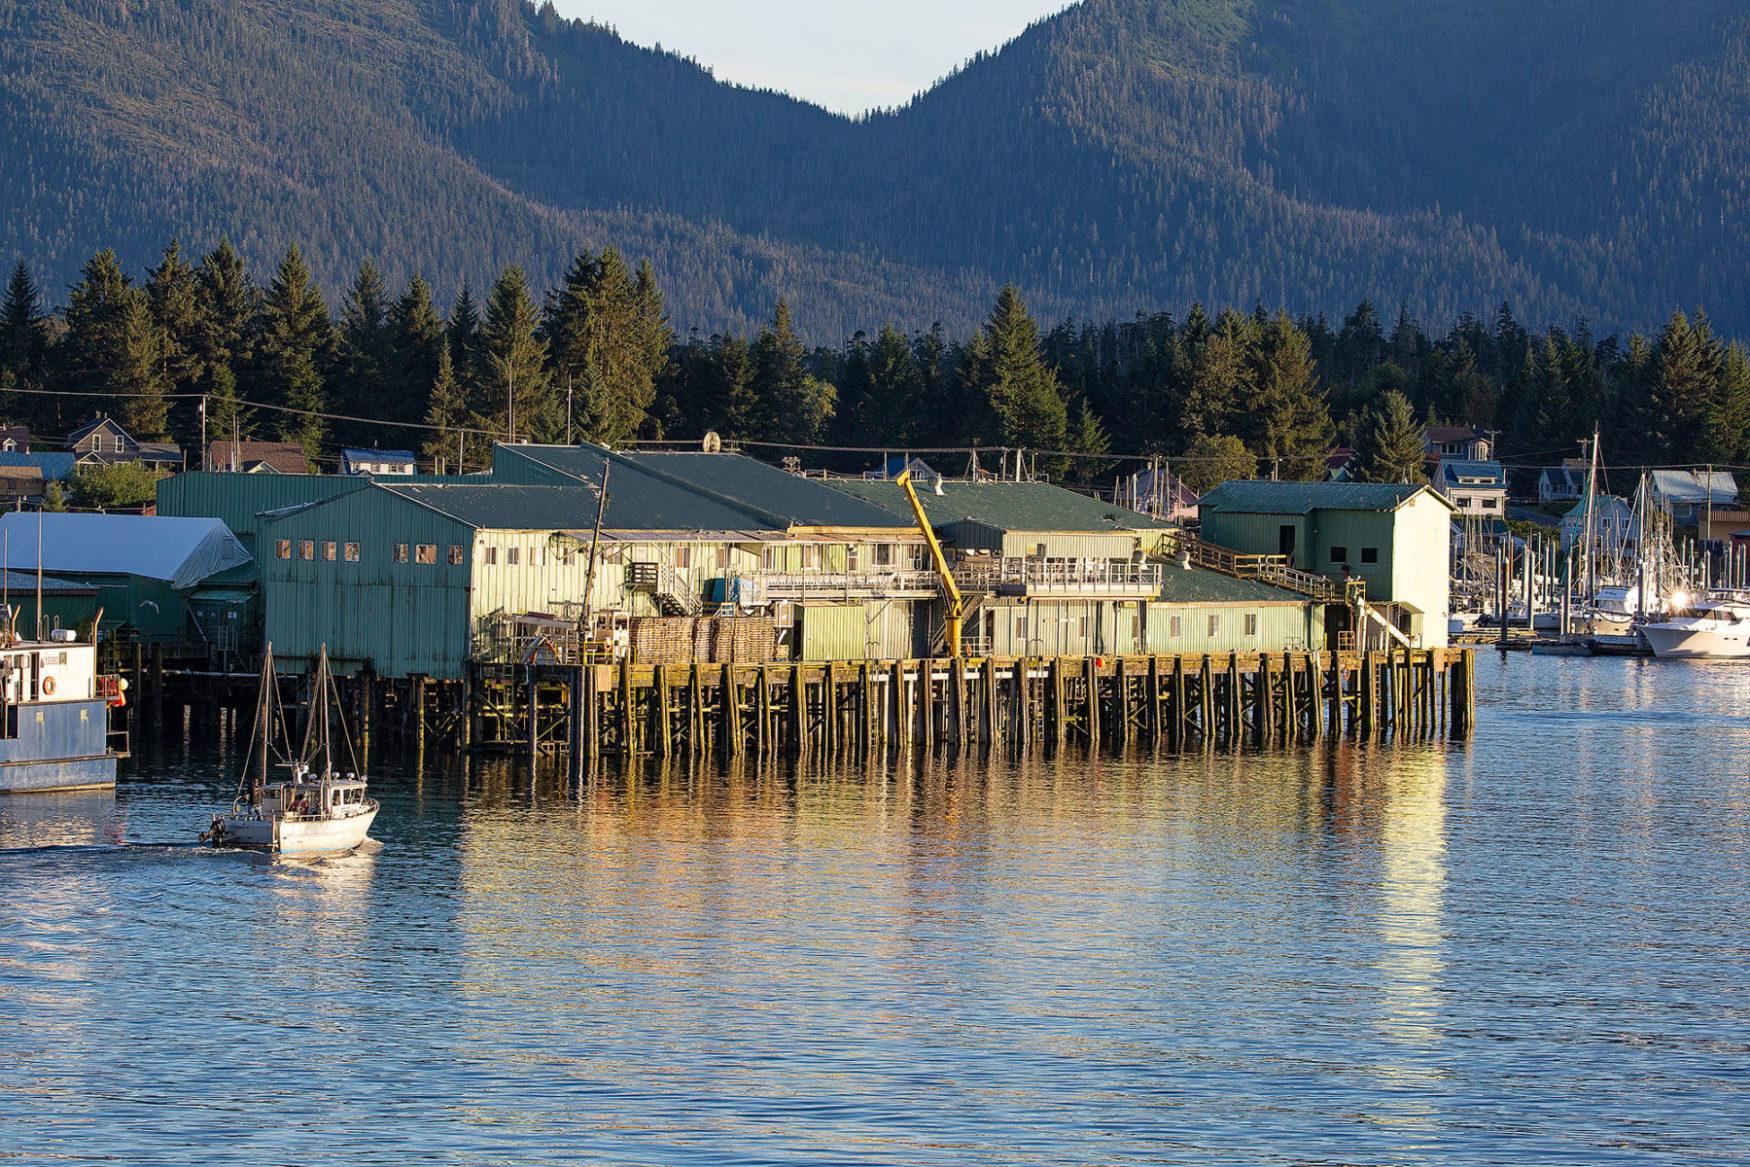 Waterfront Industrial Site Petersburg, Alaska